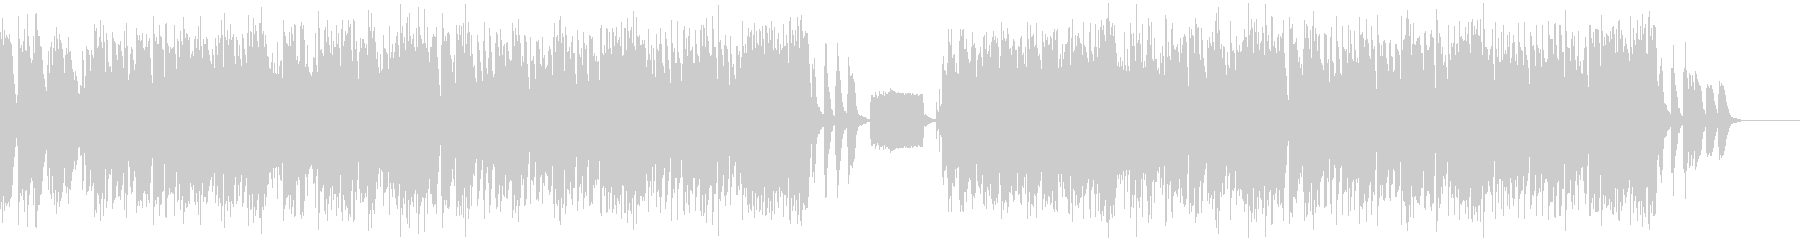 コミカルなジャズの未再生の波形